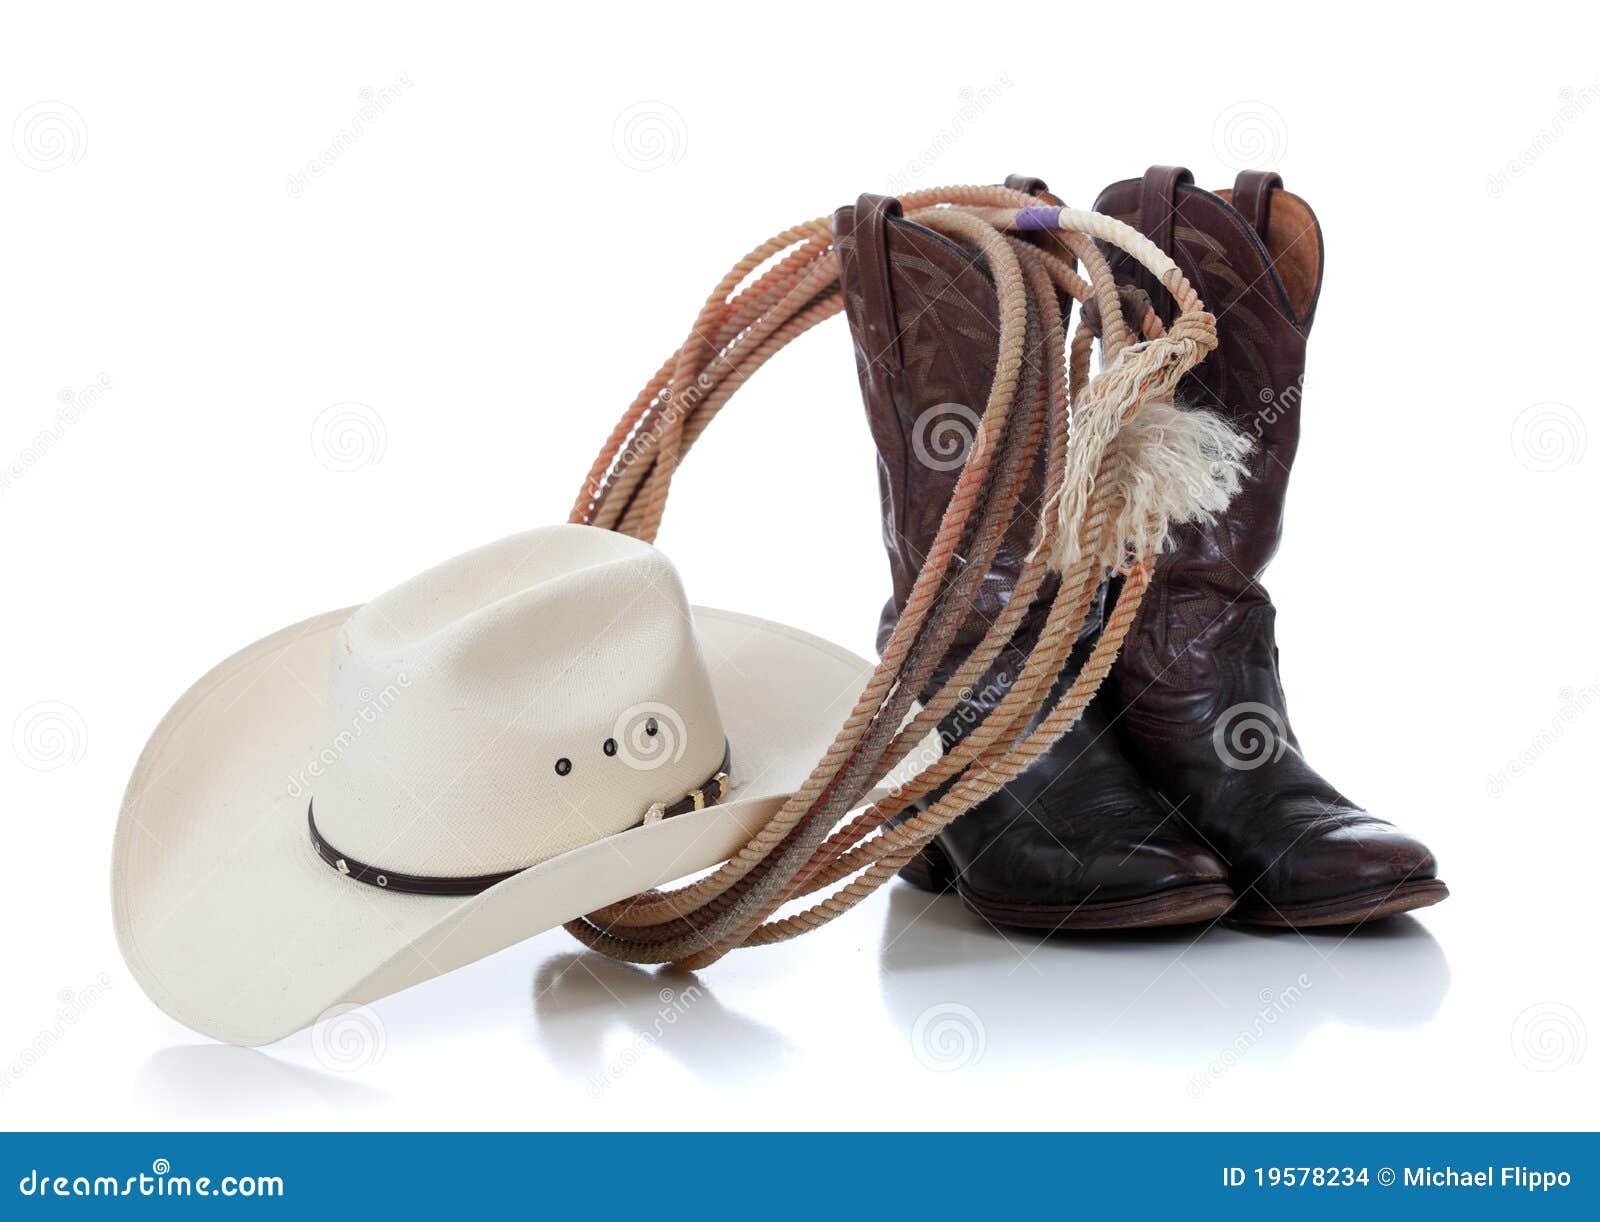 A white cowboy hat 73c6569fd0d